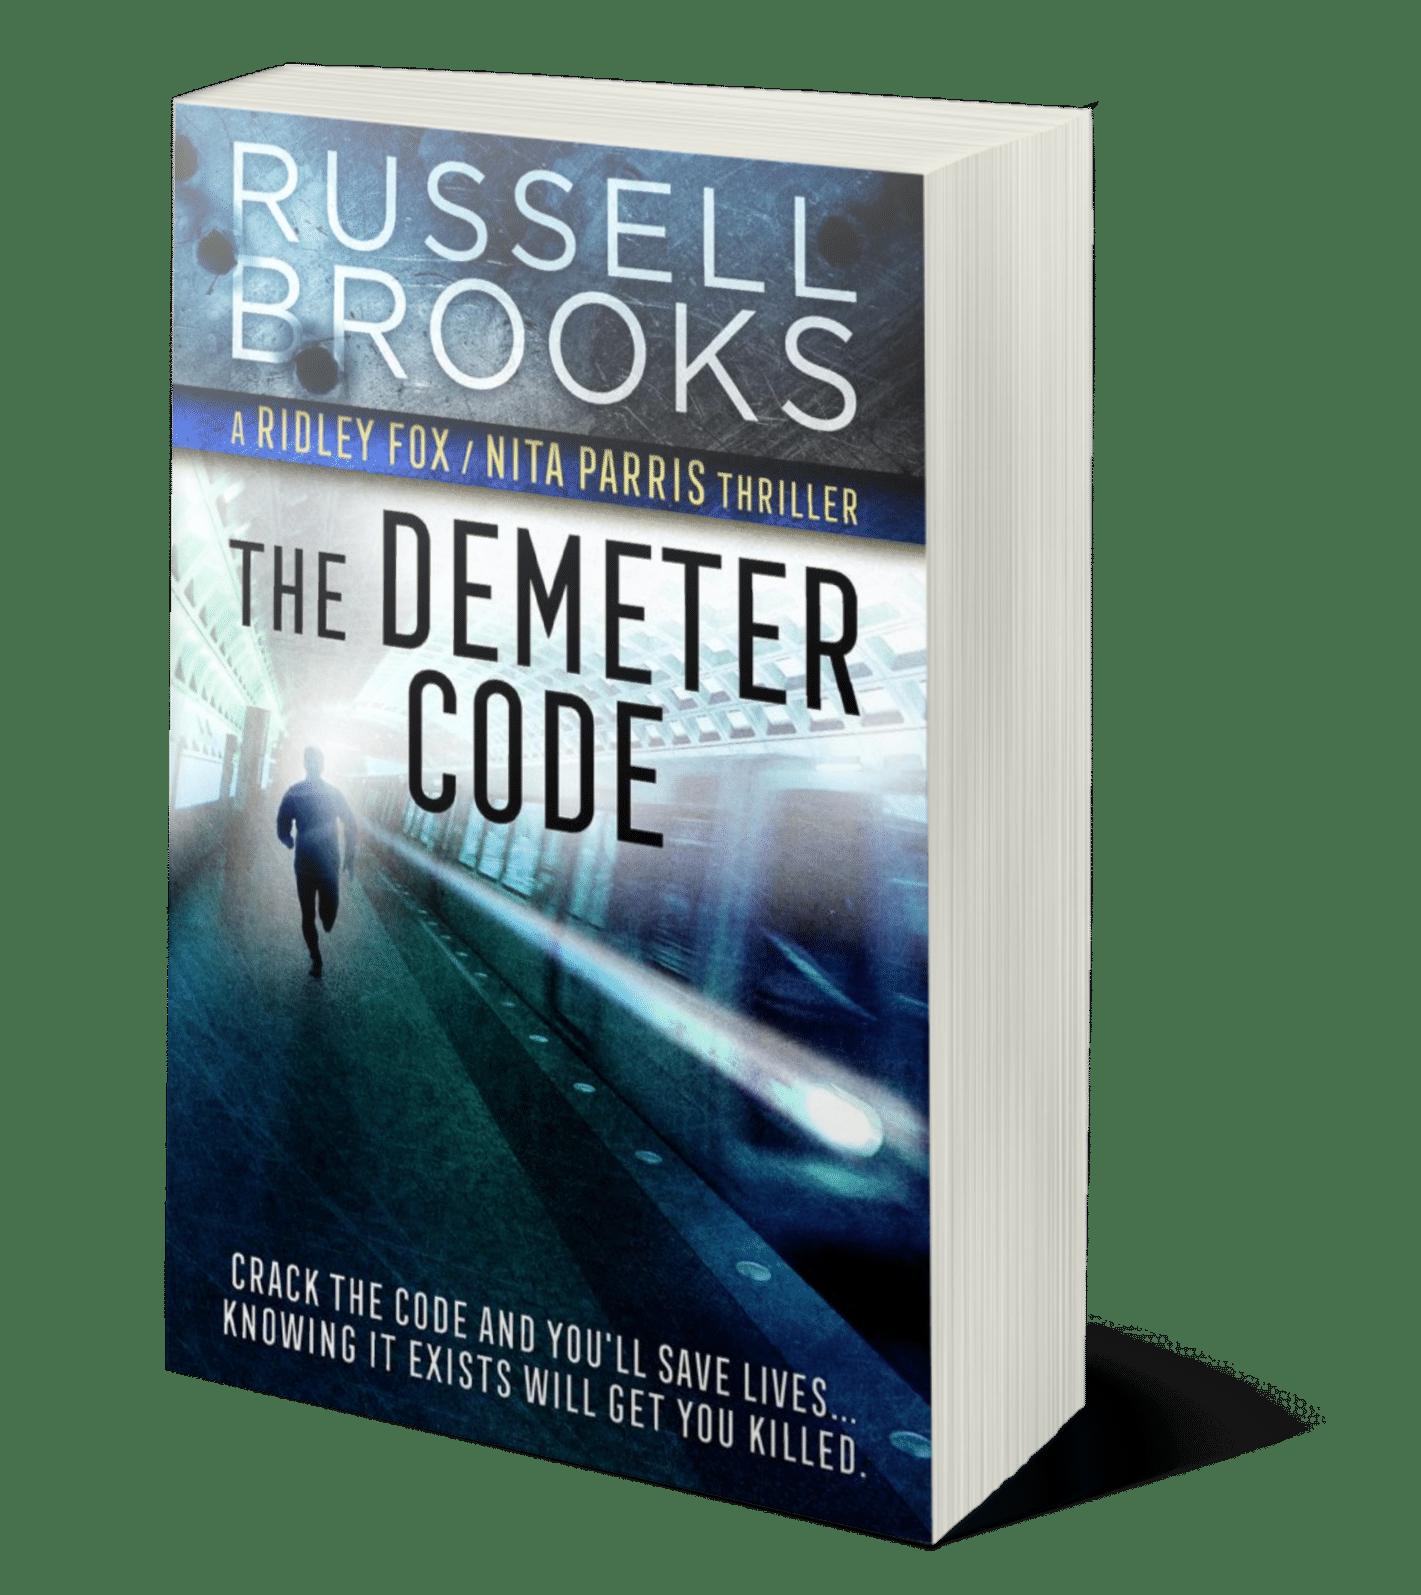 Buy The Demeter Code now